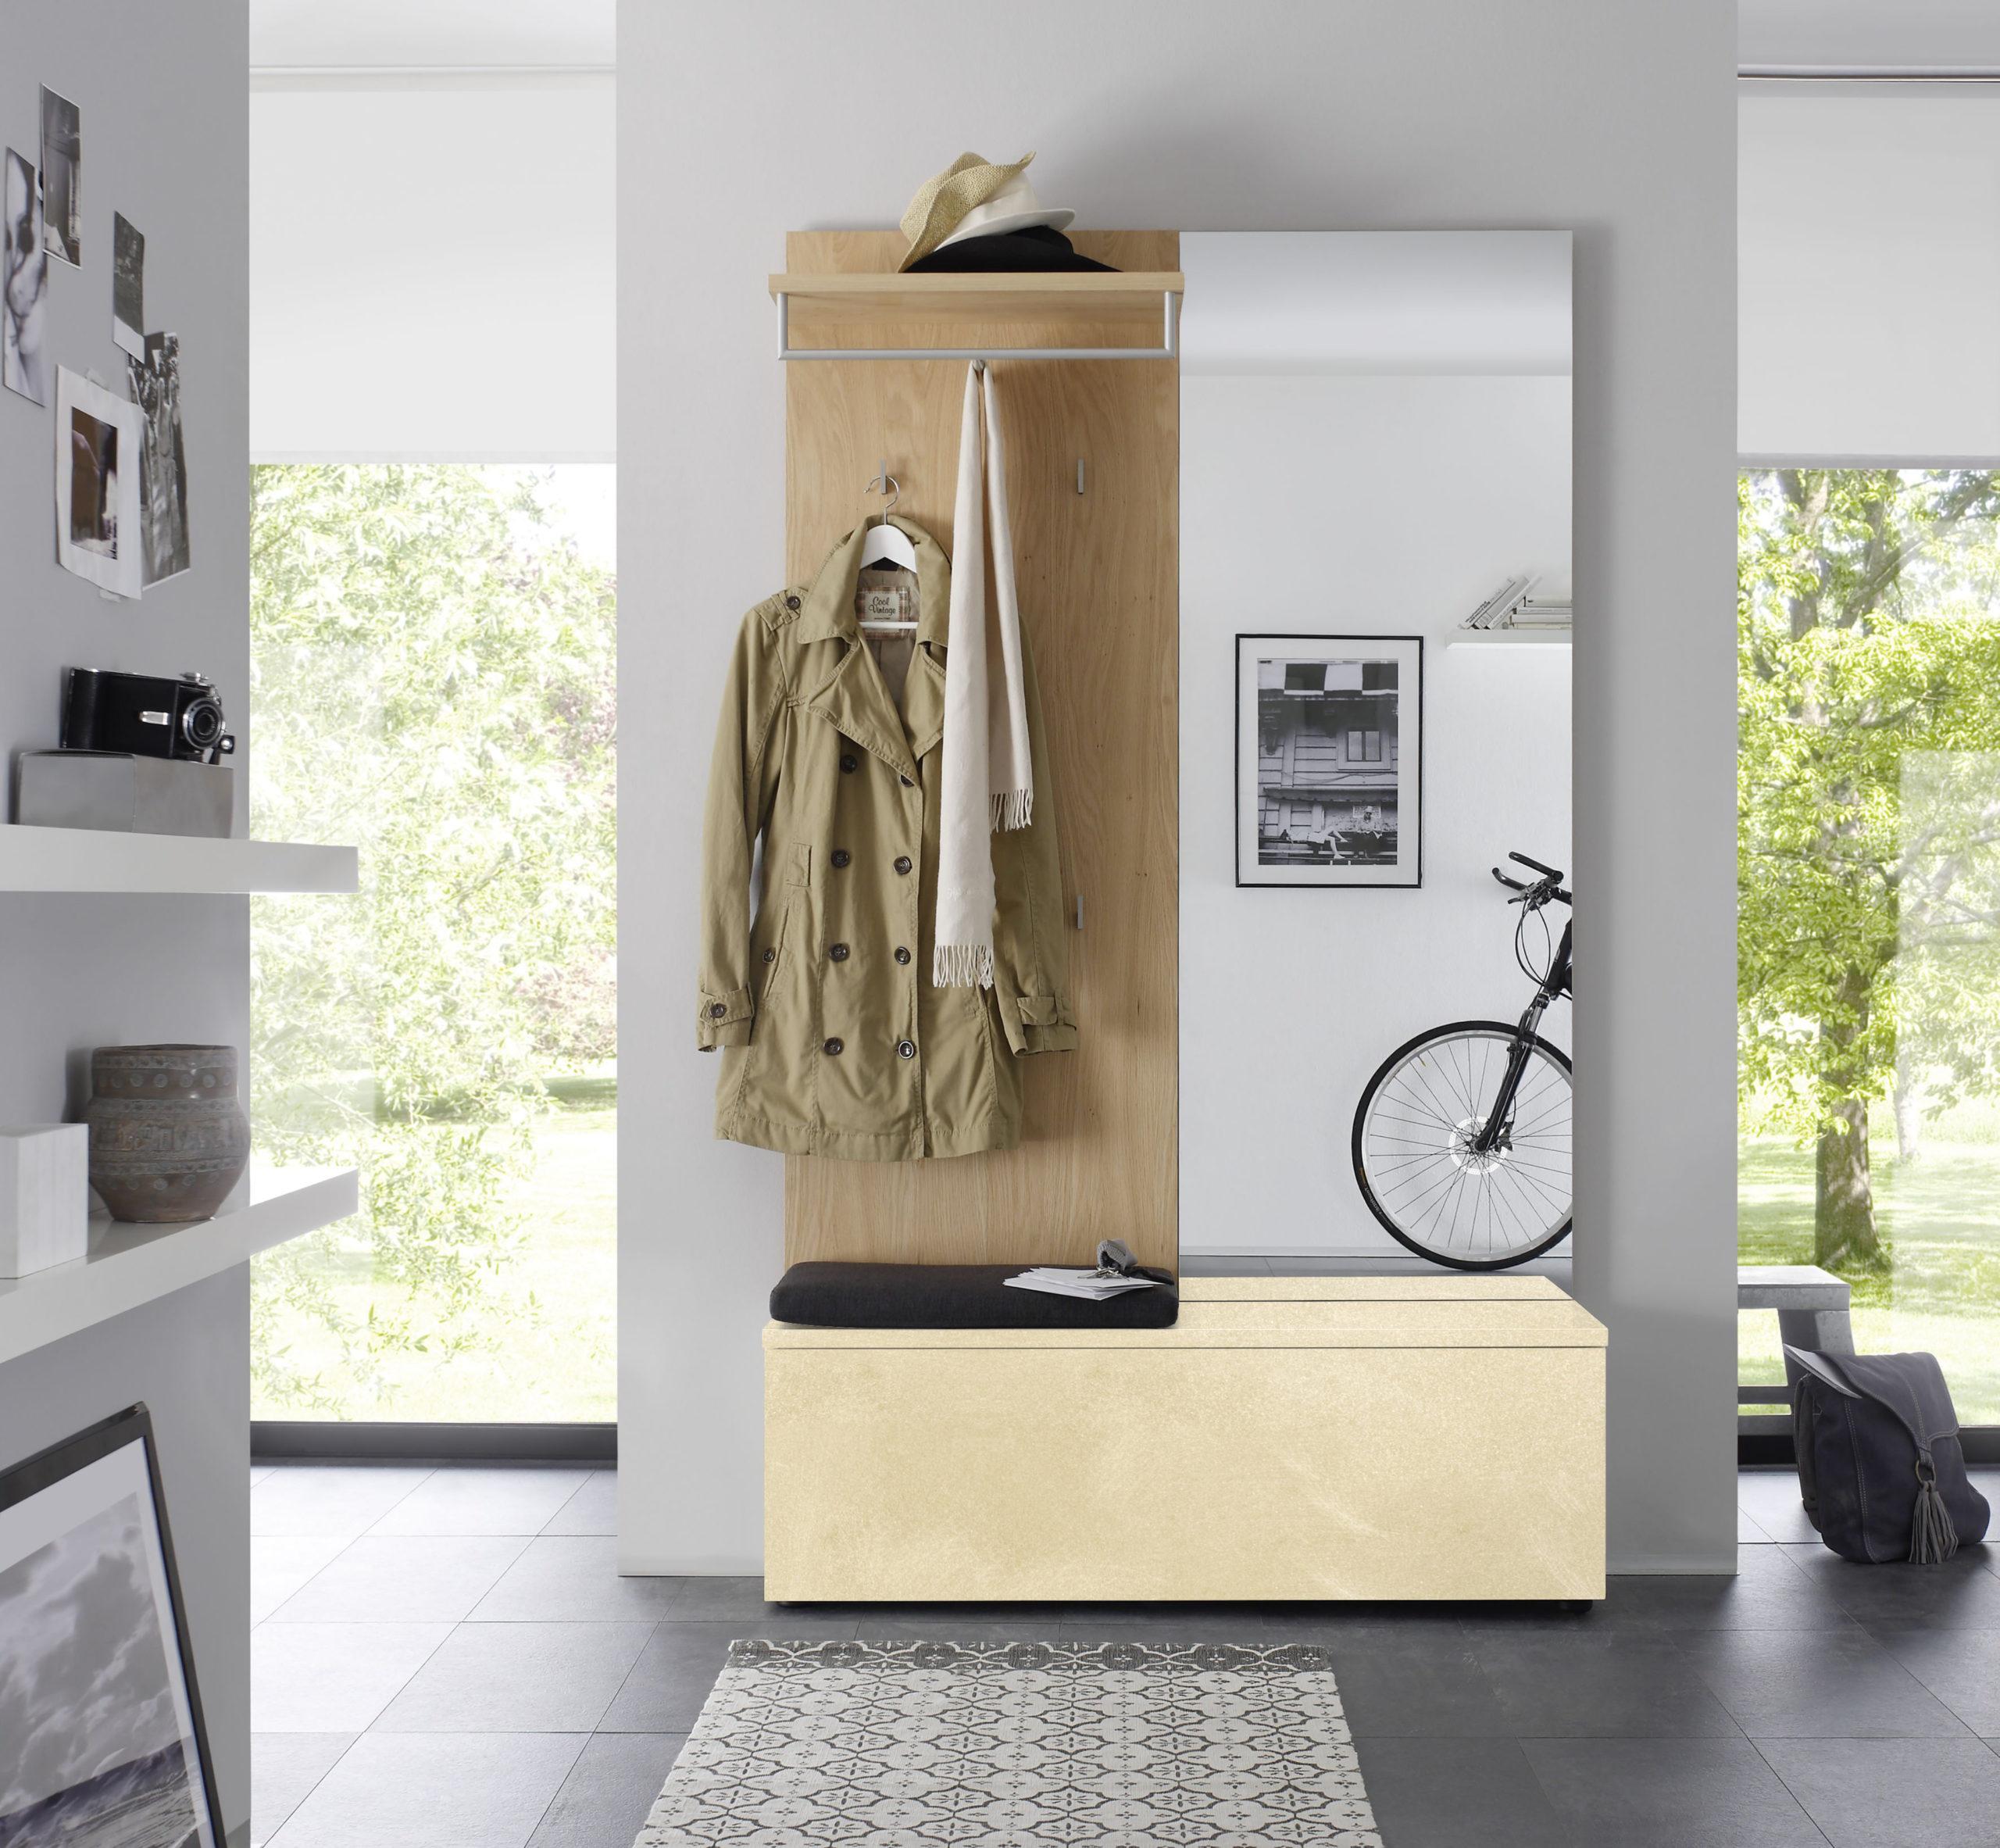 Sudbrock TANDO Garderobe in der Ausführung Ethno Eiche, Gold lackiert gebürstet #423